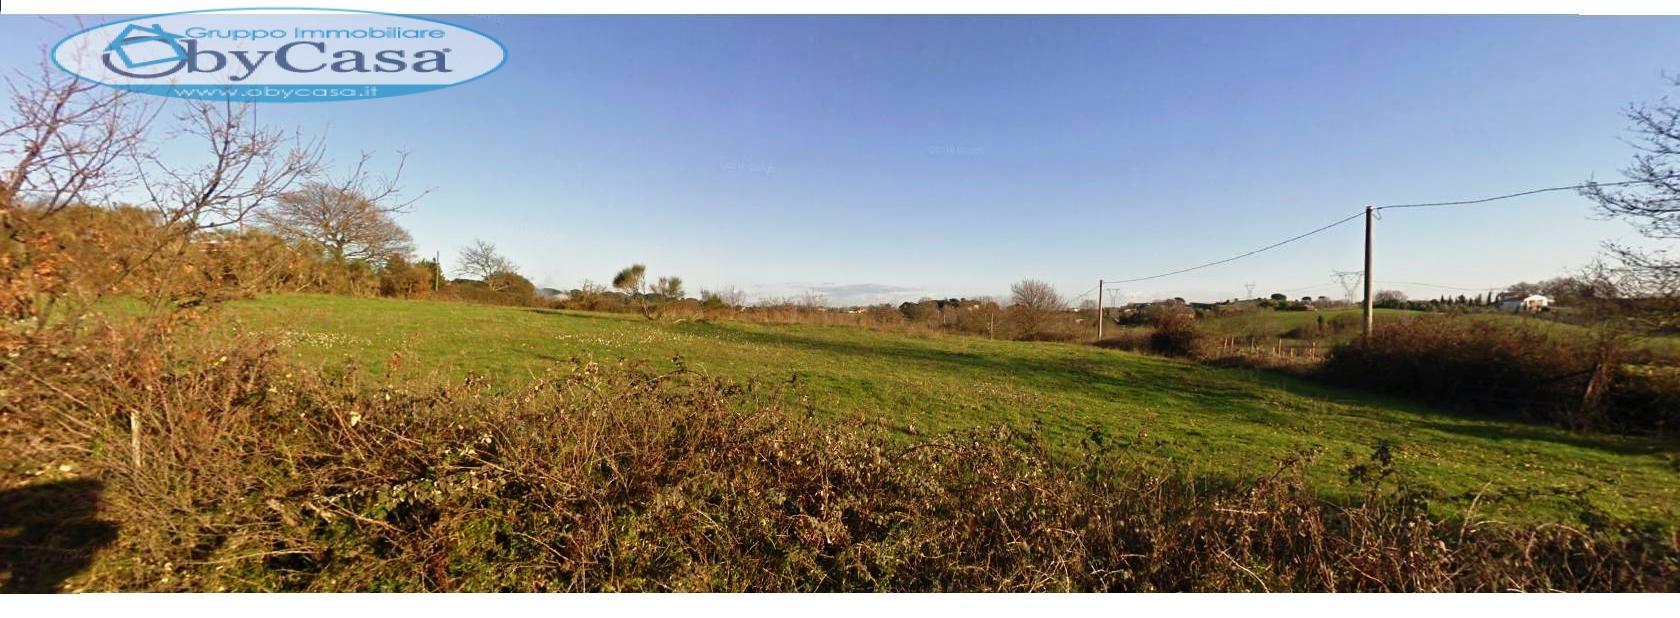 Terreno Agricolo in vendita a Bracciano, 9999 locali, zona Località: semicentrale, prezzo € 150.000 | CambioCasa.it